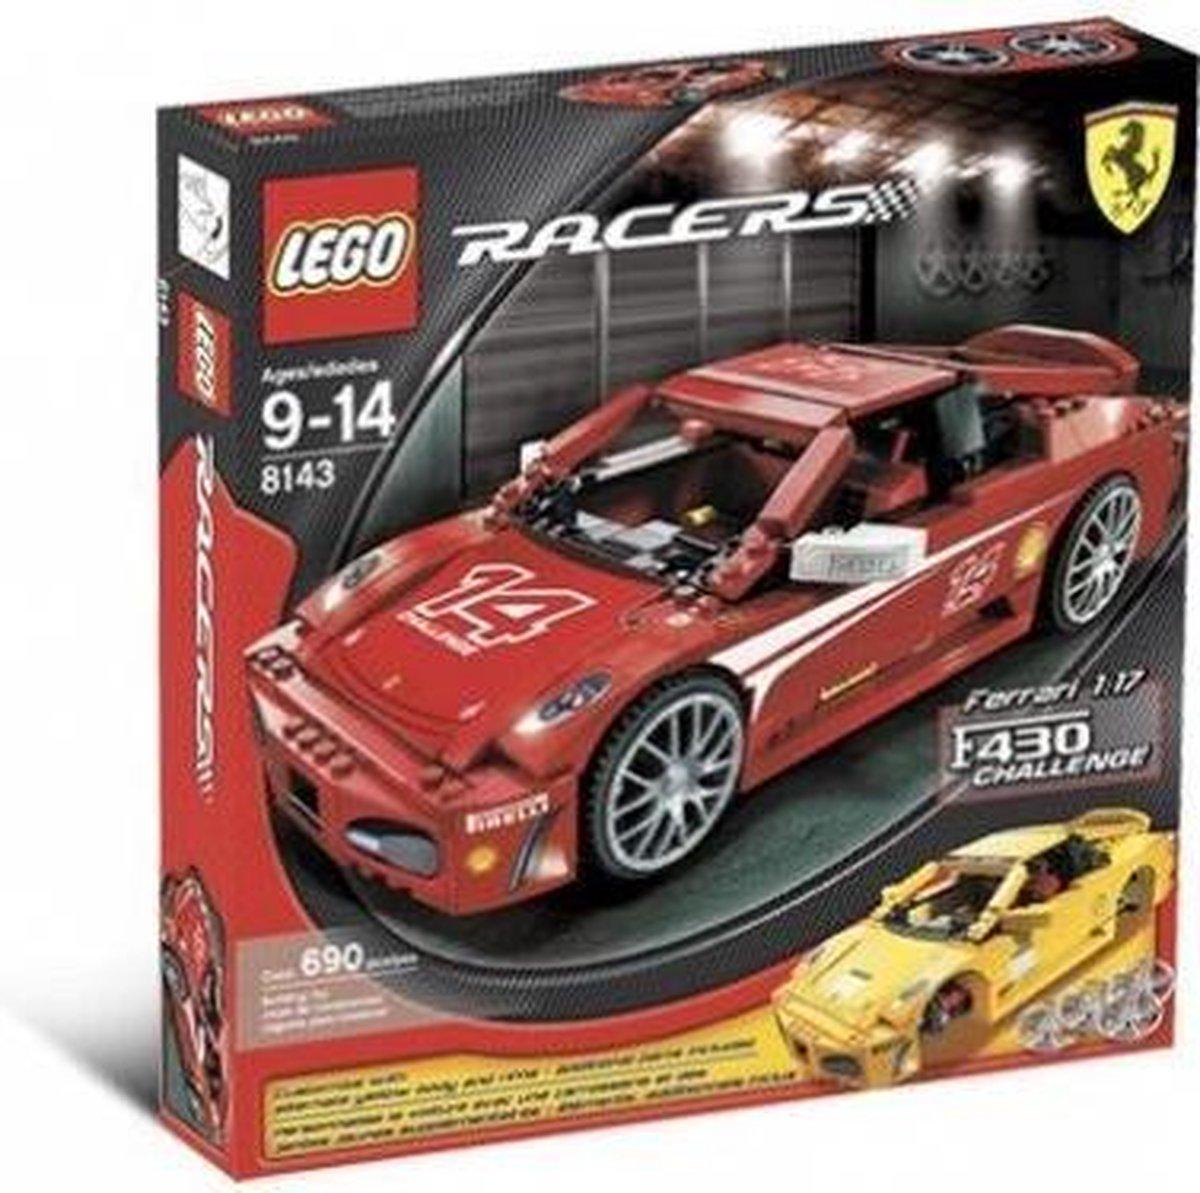 LEGO Racers 8143 Ferrari Challenge F430